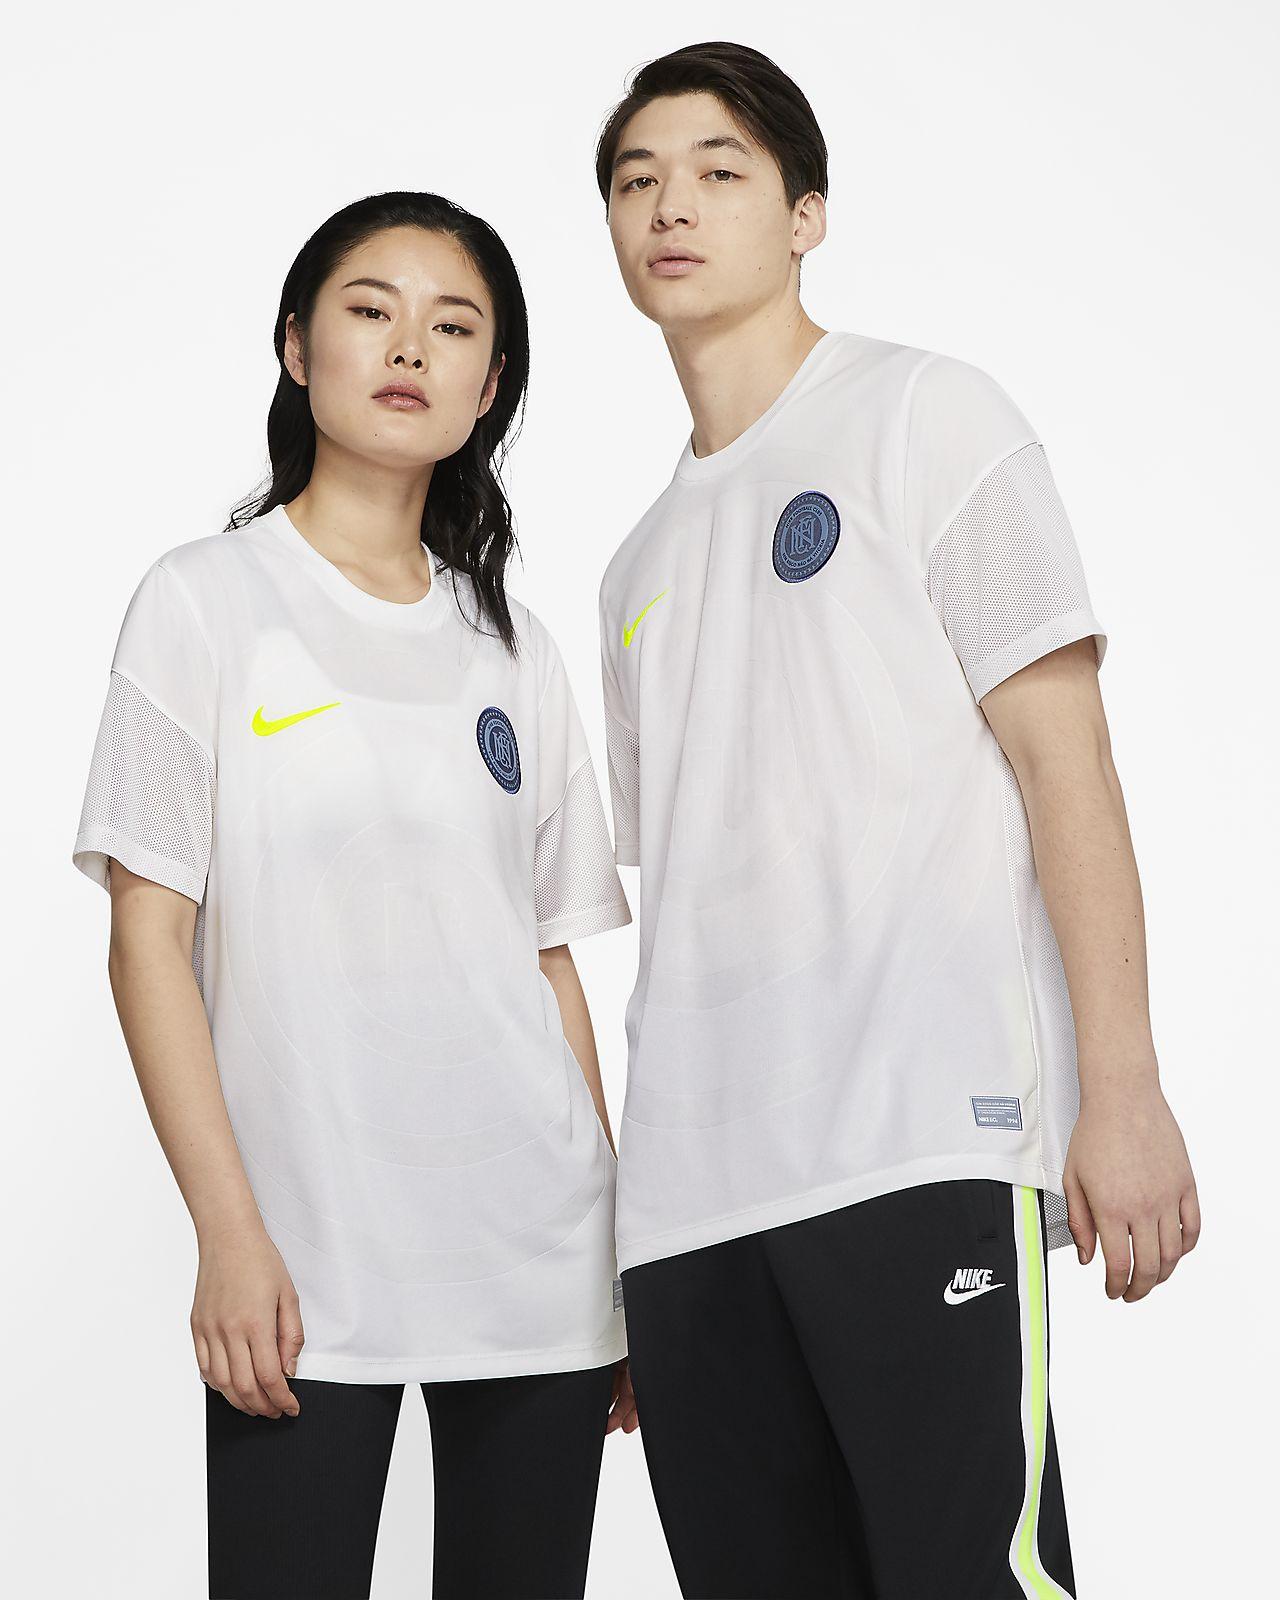 ナイキ F.C. ホーム メンズ サッカーユニフォーム